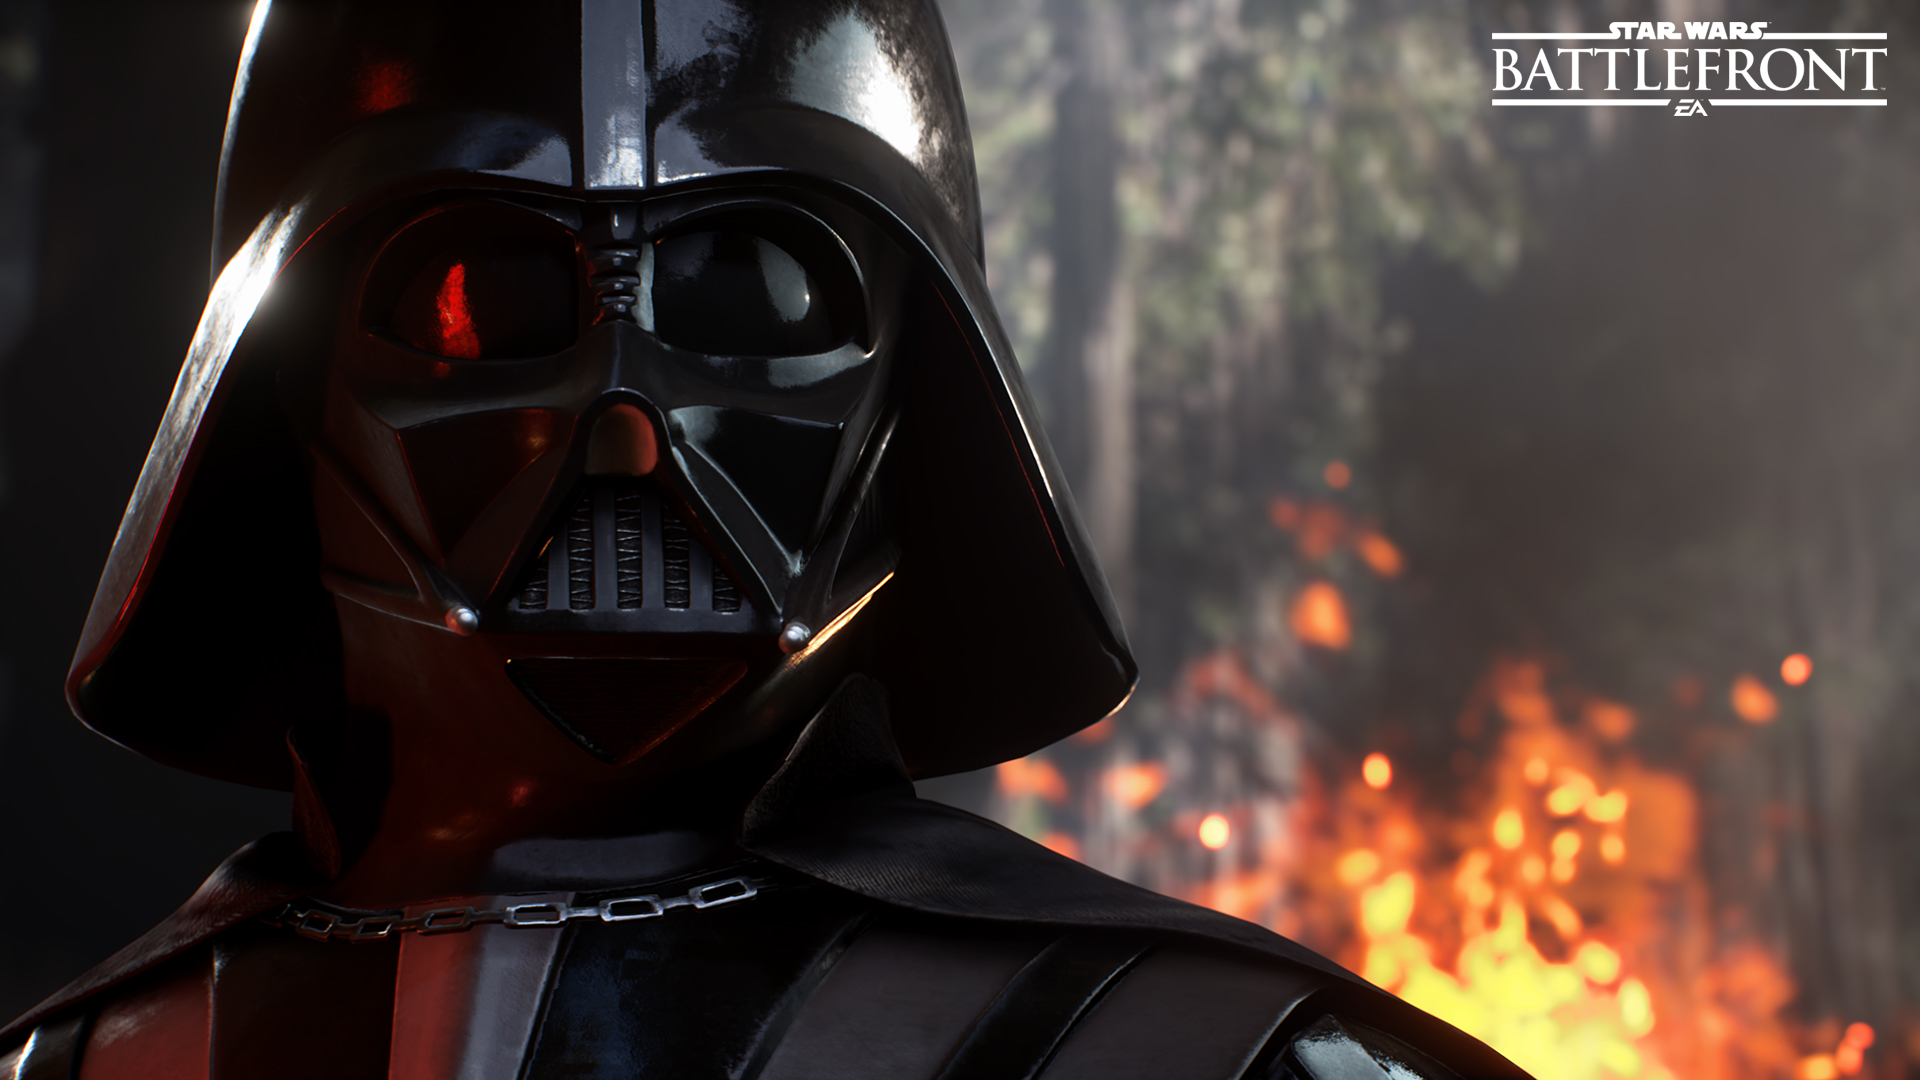 EA nennt Lootboxen eine recht ethische Überraschungs-Mechanik